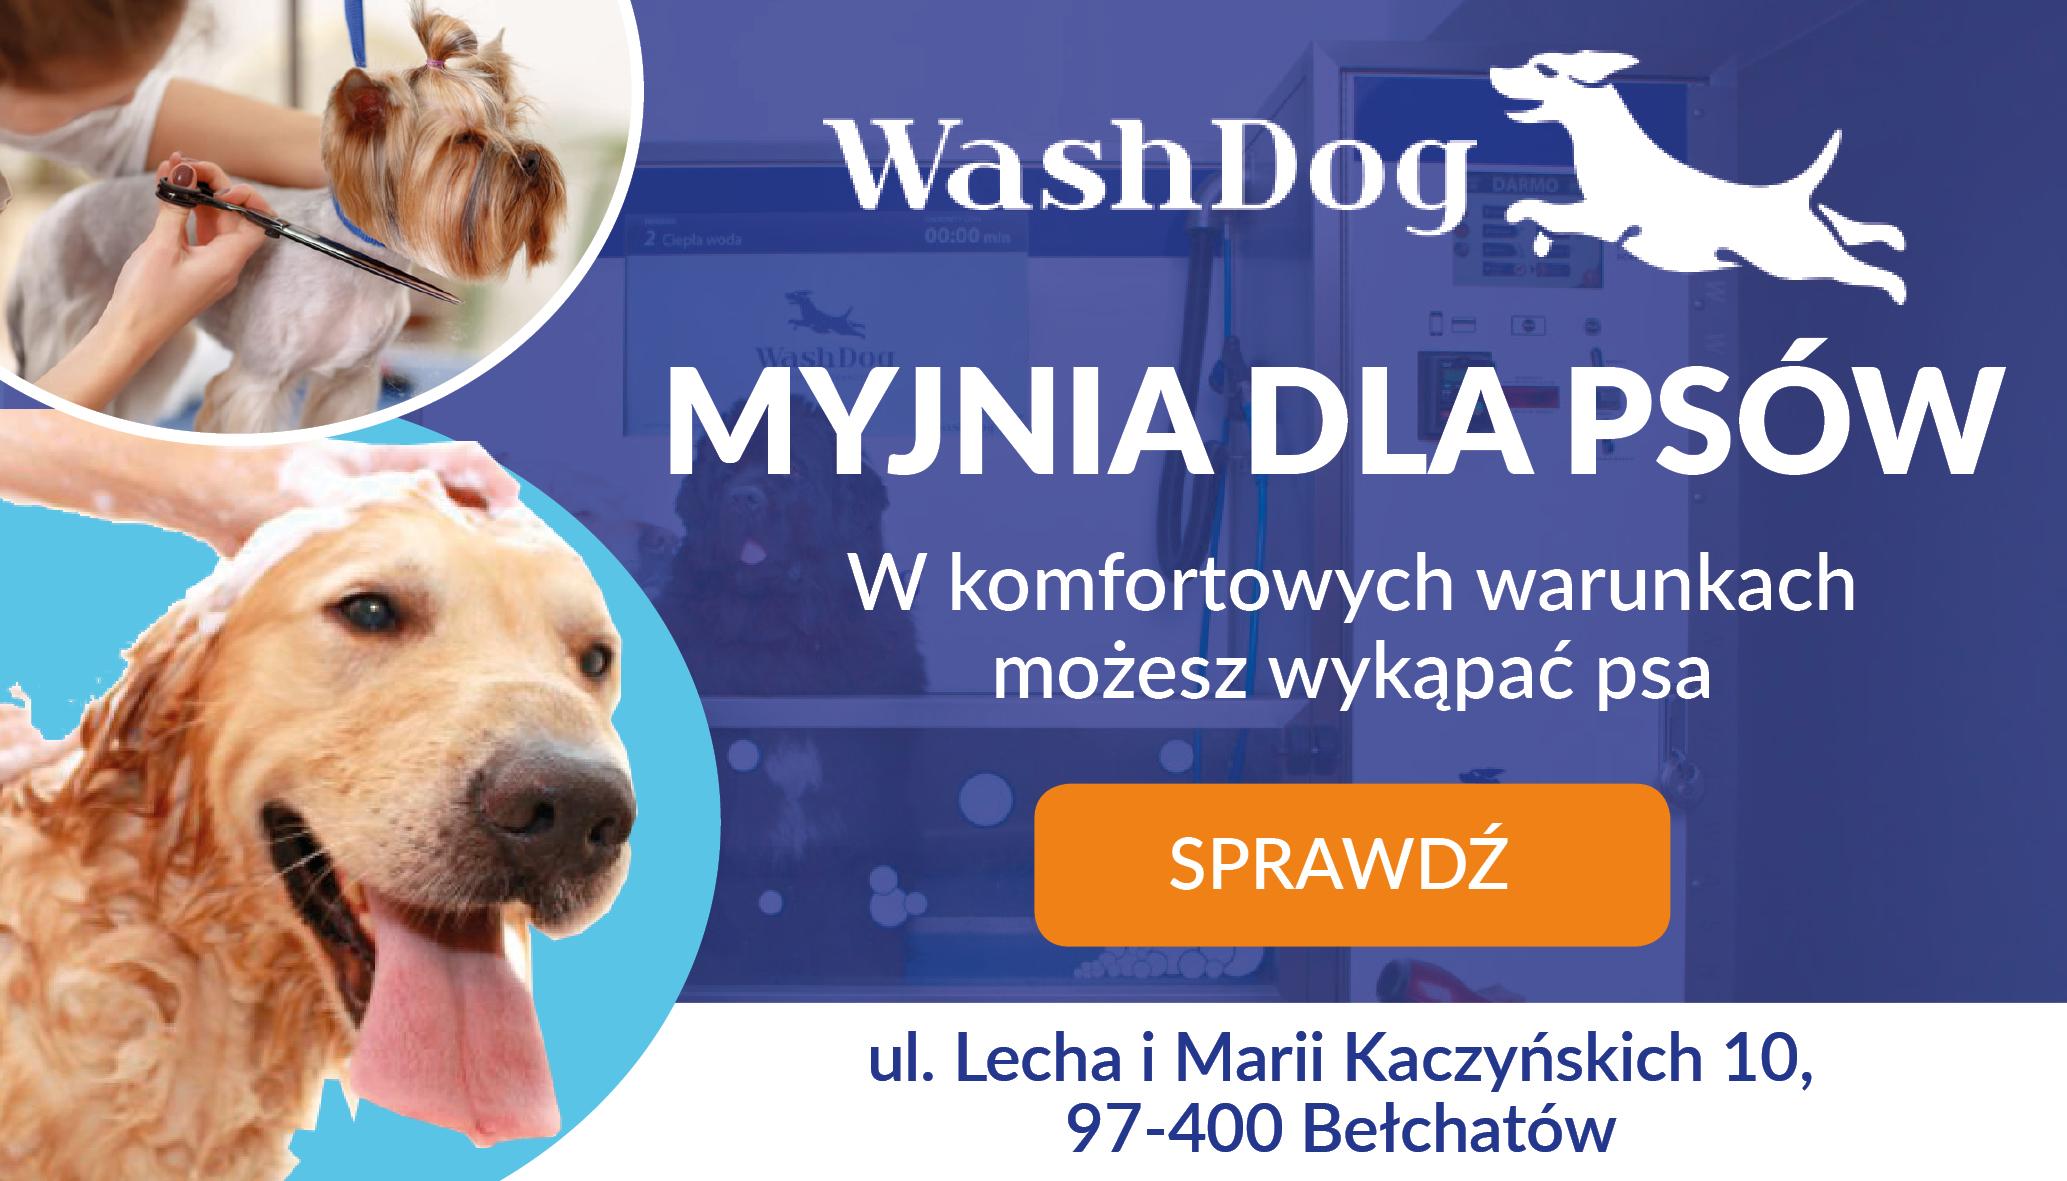 Salon Wash Dog Bełchatów, czyli komfort dla Twojego psa! - Zdjęcie główne